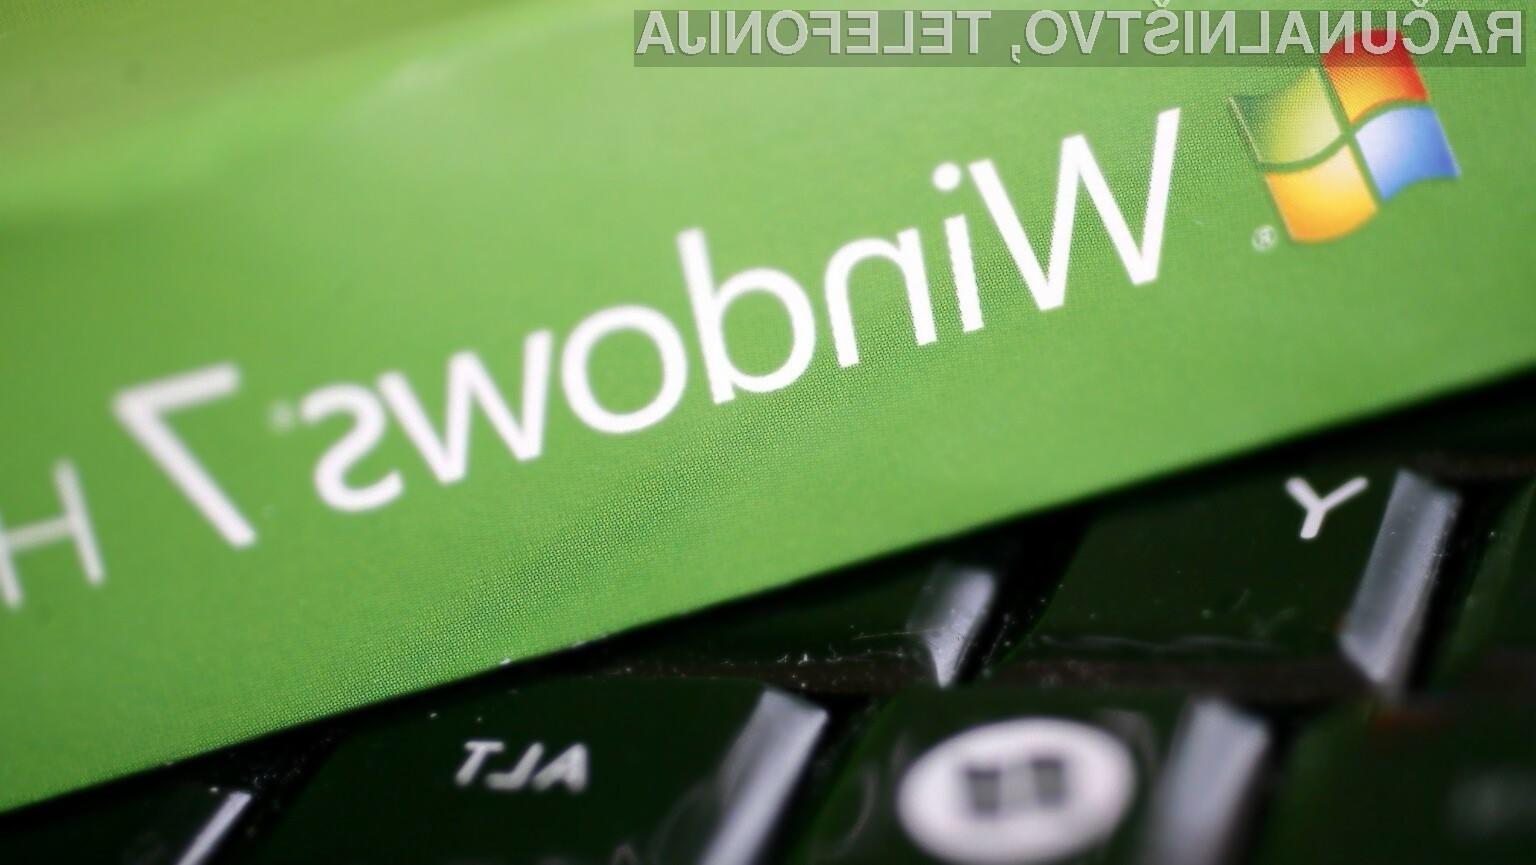 Podpora za zastareli Windows 7 bo zagotovljena le še do 14. januarja prihodnjega leta.